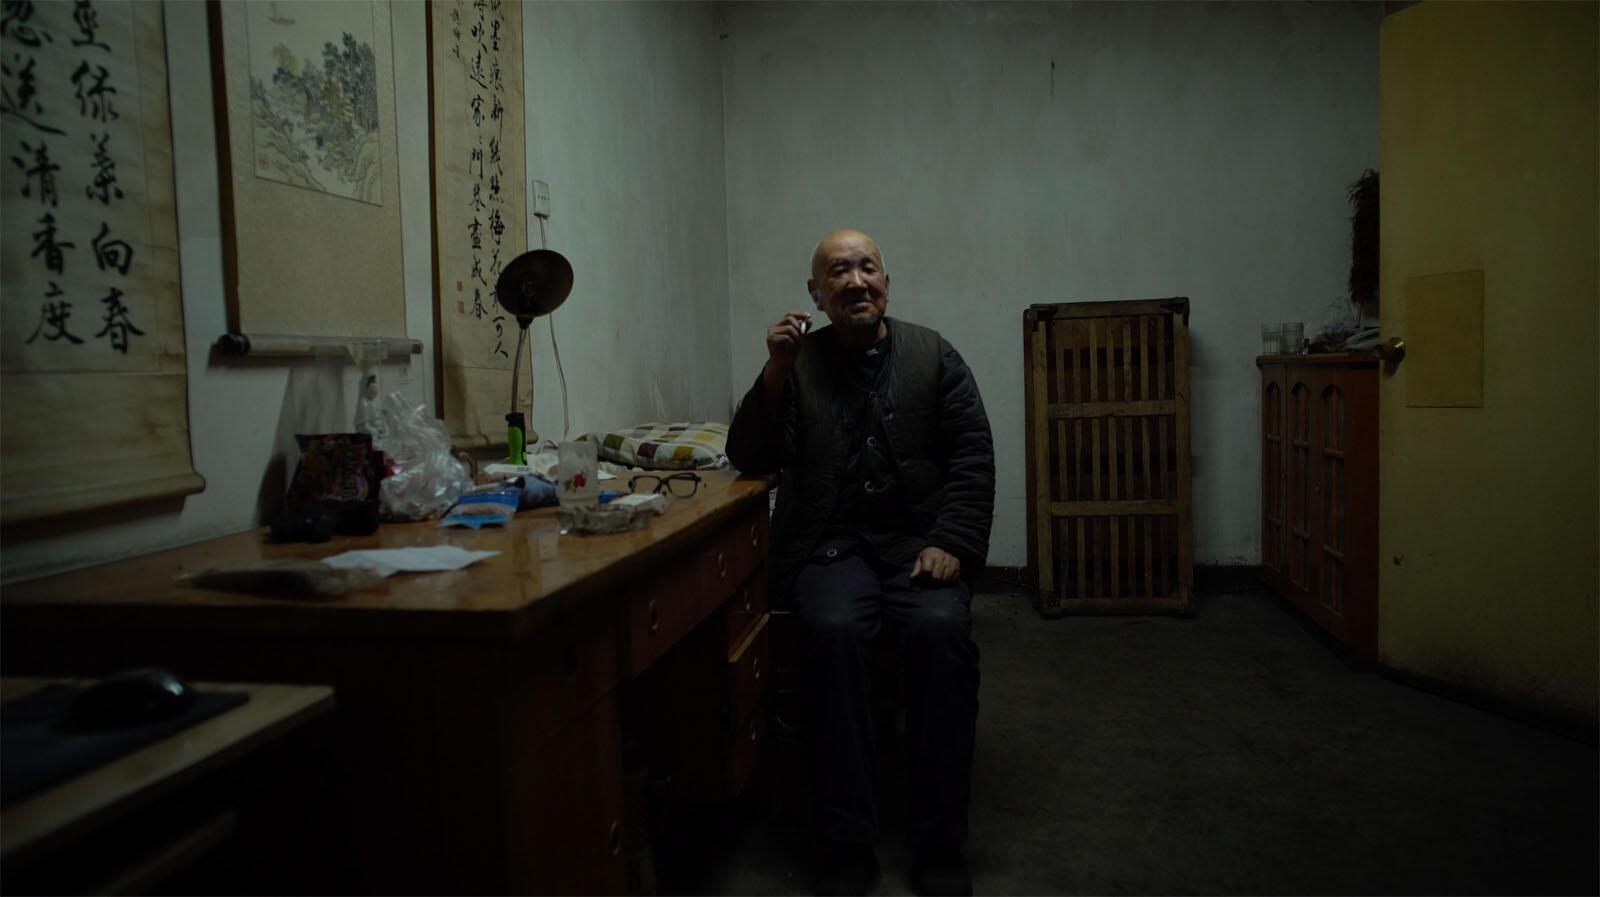 Một cảnh trong phim tài liệu « Những linh hồn chết » (Les Âmes mortes) của đạo diễn Trung Quốc Vương Bính (Wang Bing).